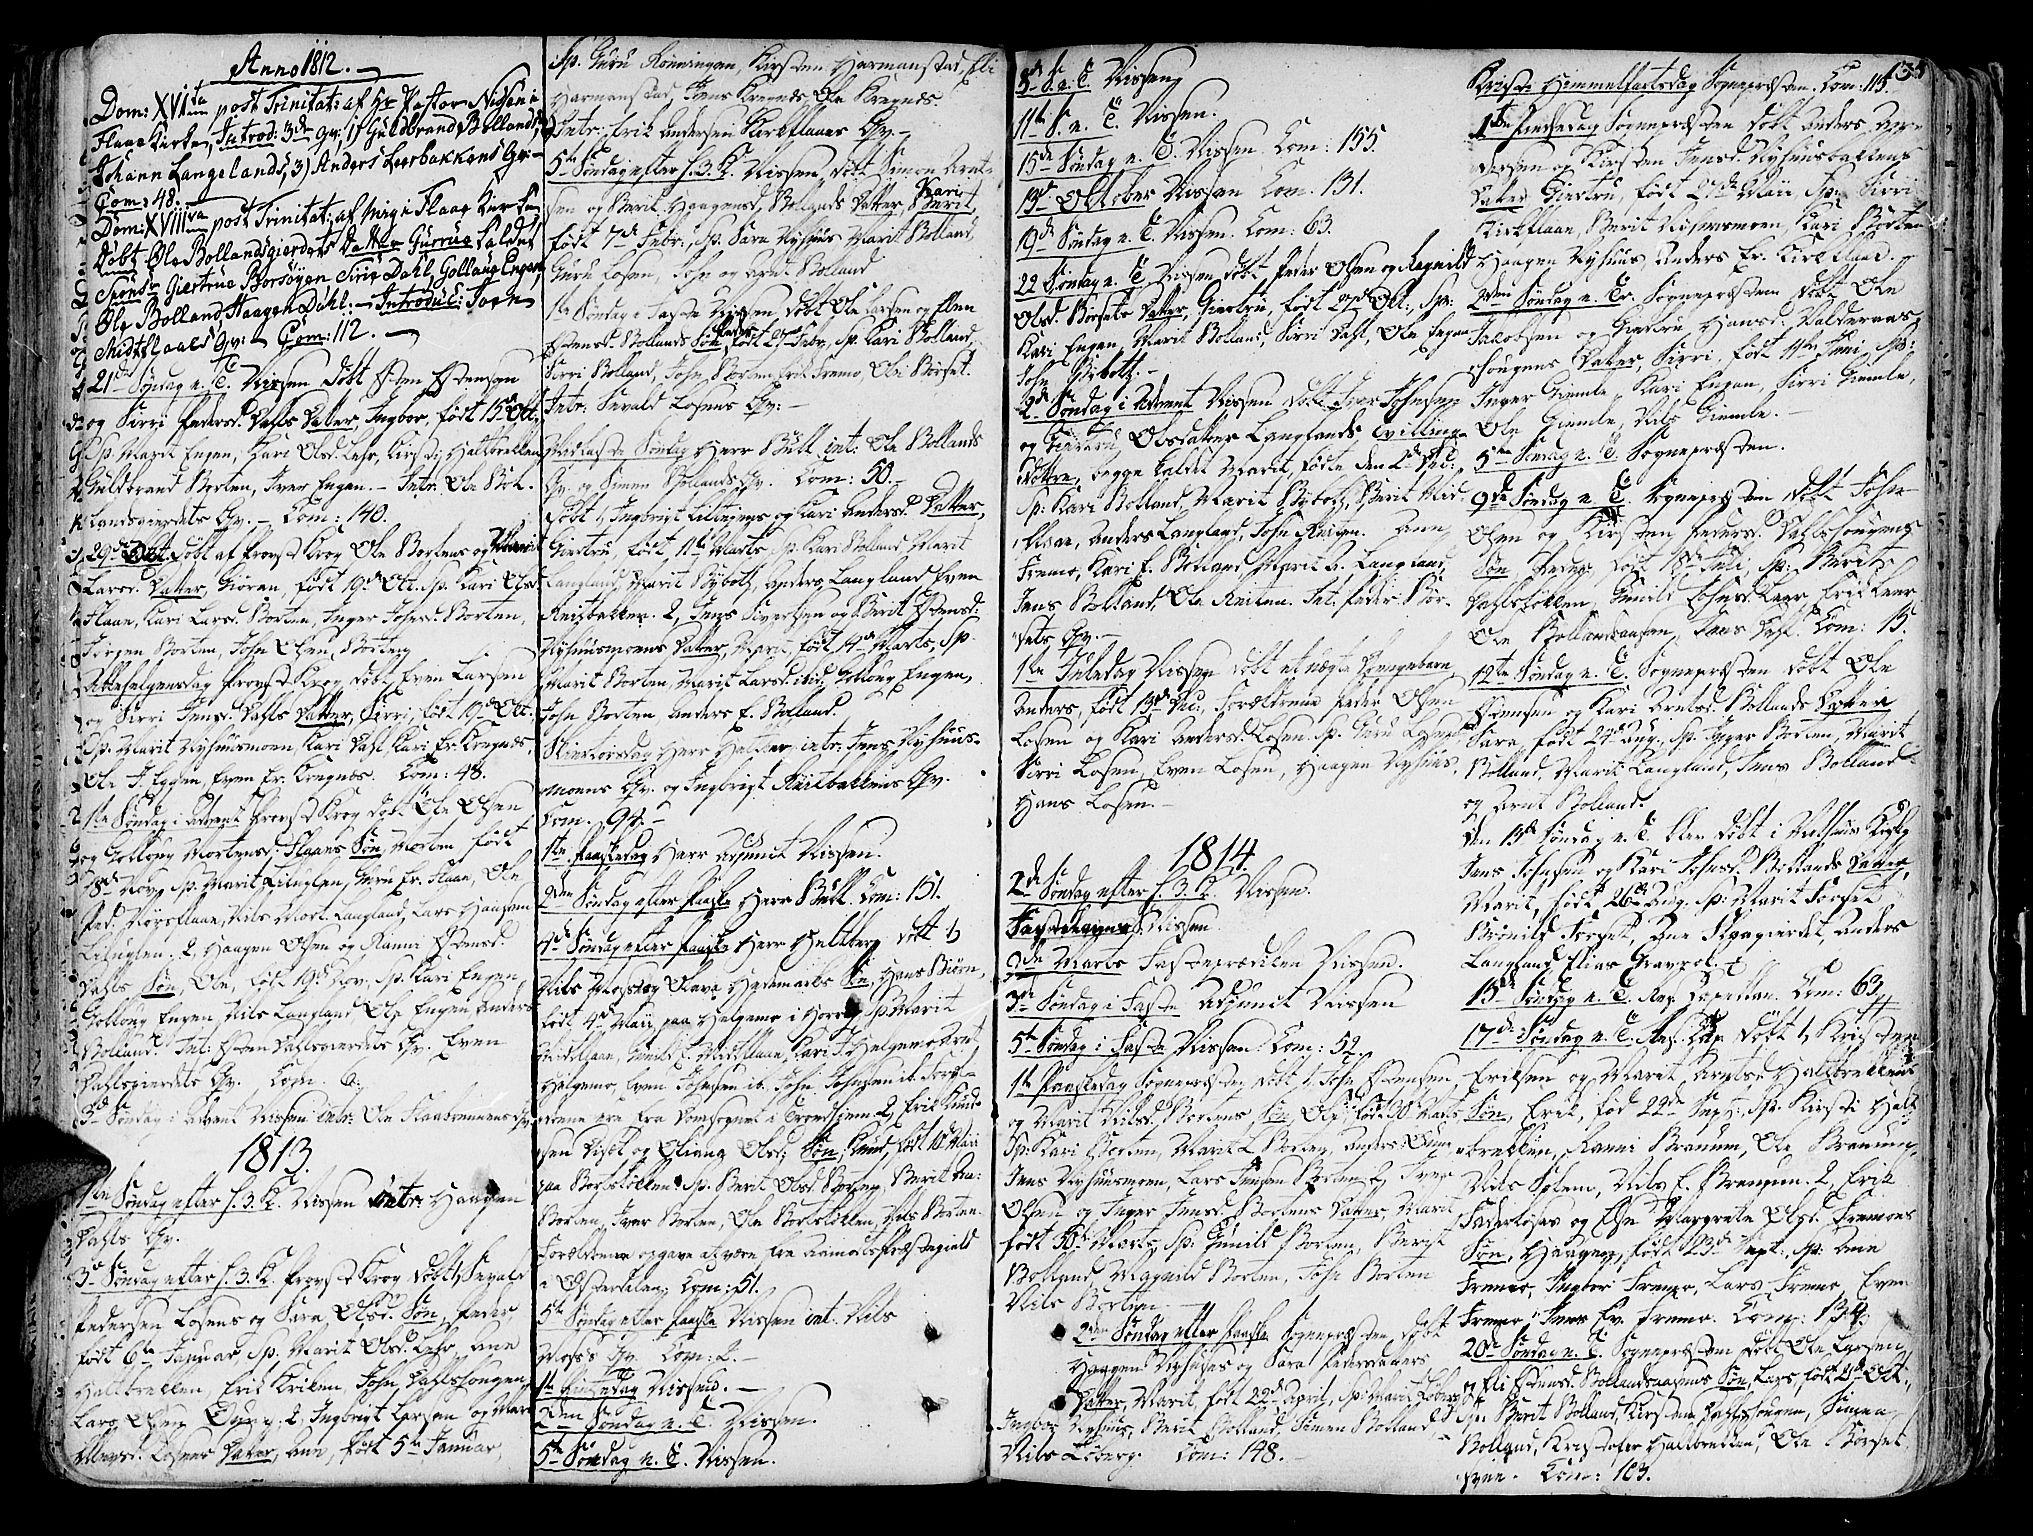 SAT, Ministerialprotokoller, klokkerbøker og fødselsregistre - Sør-Trøndelag, 691/L1062: Ministerialbok nr. 691A02 /2, 1768-1815, s. 135